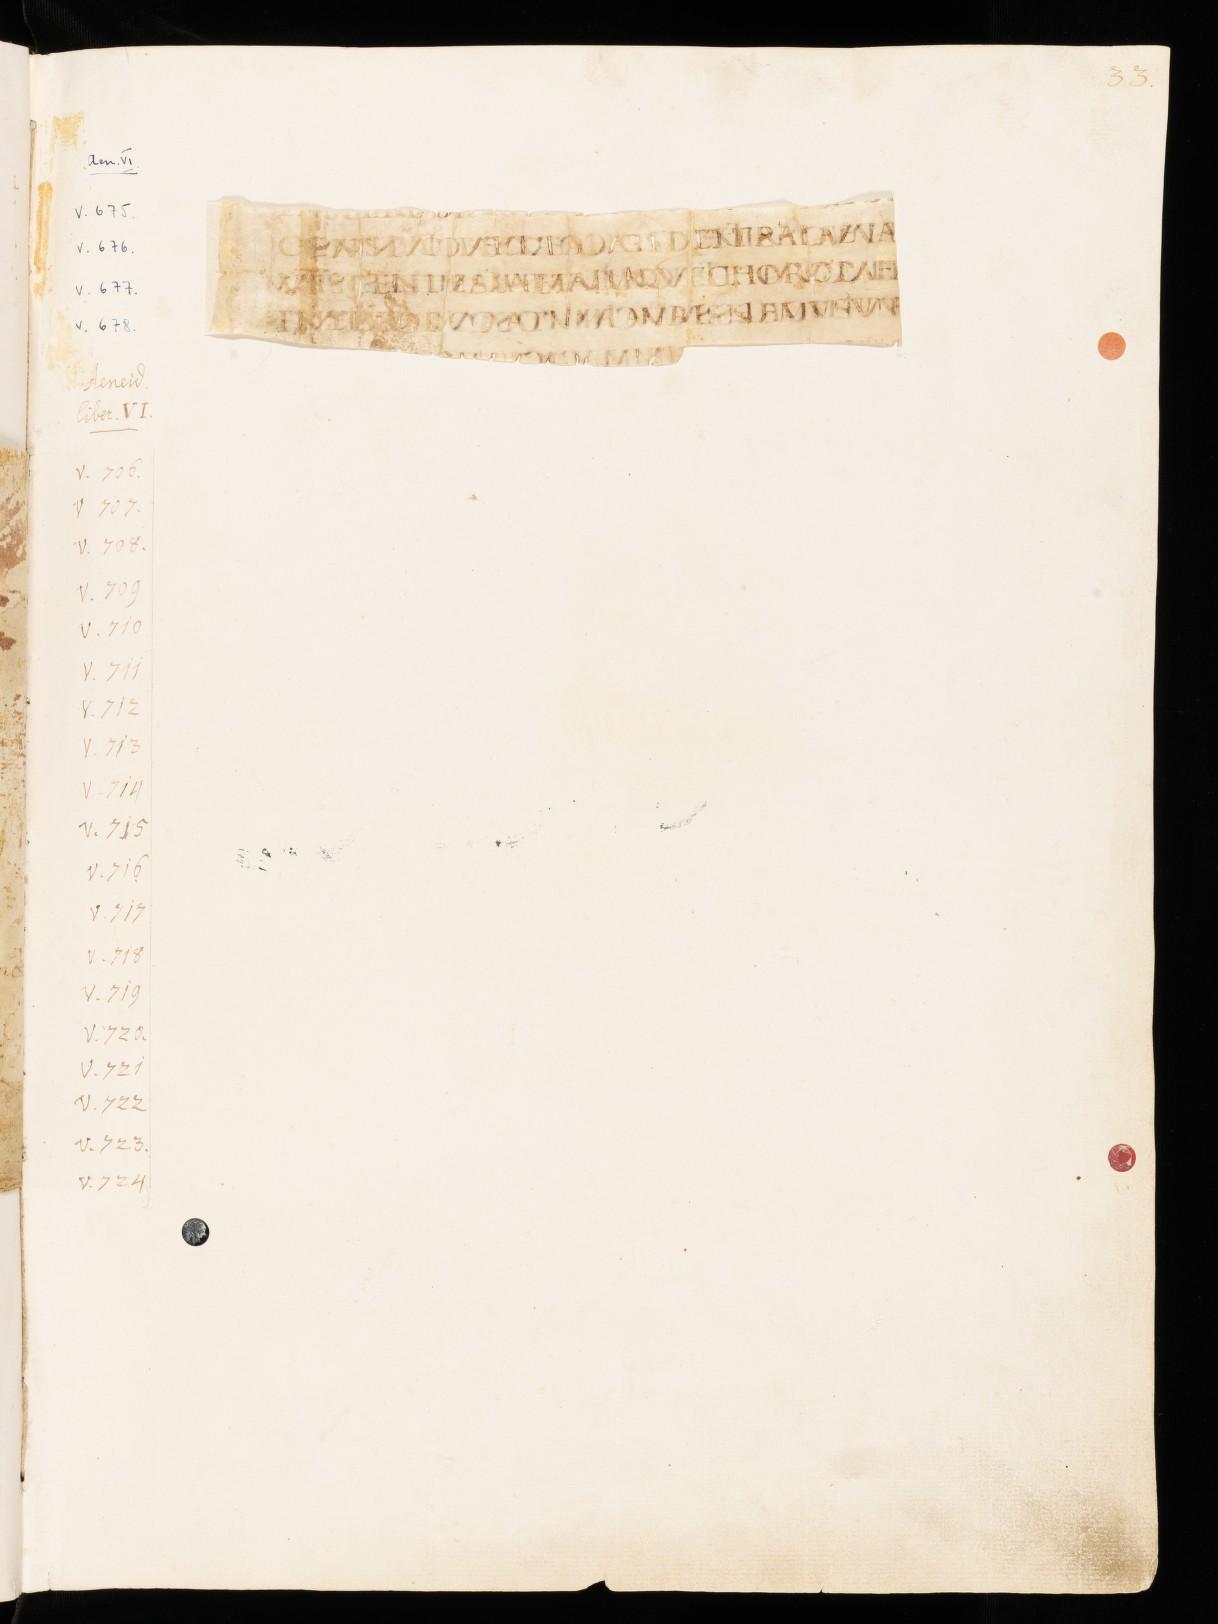 Cod. Sang. 1394, p. 33